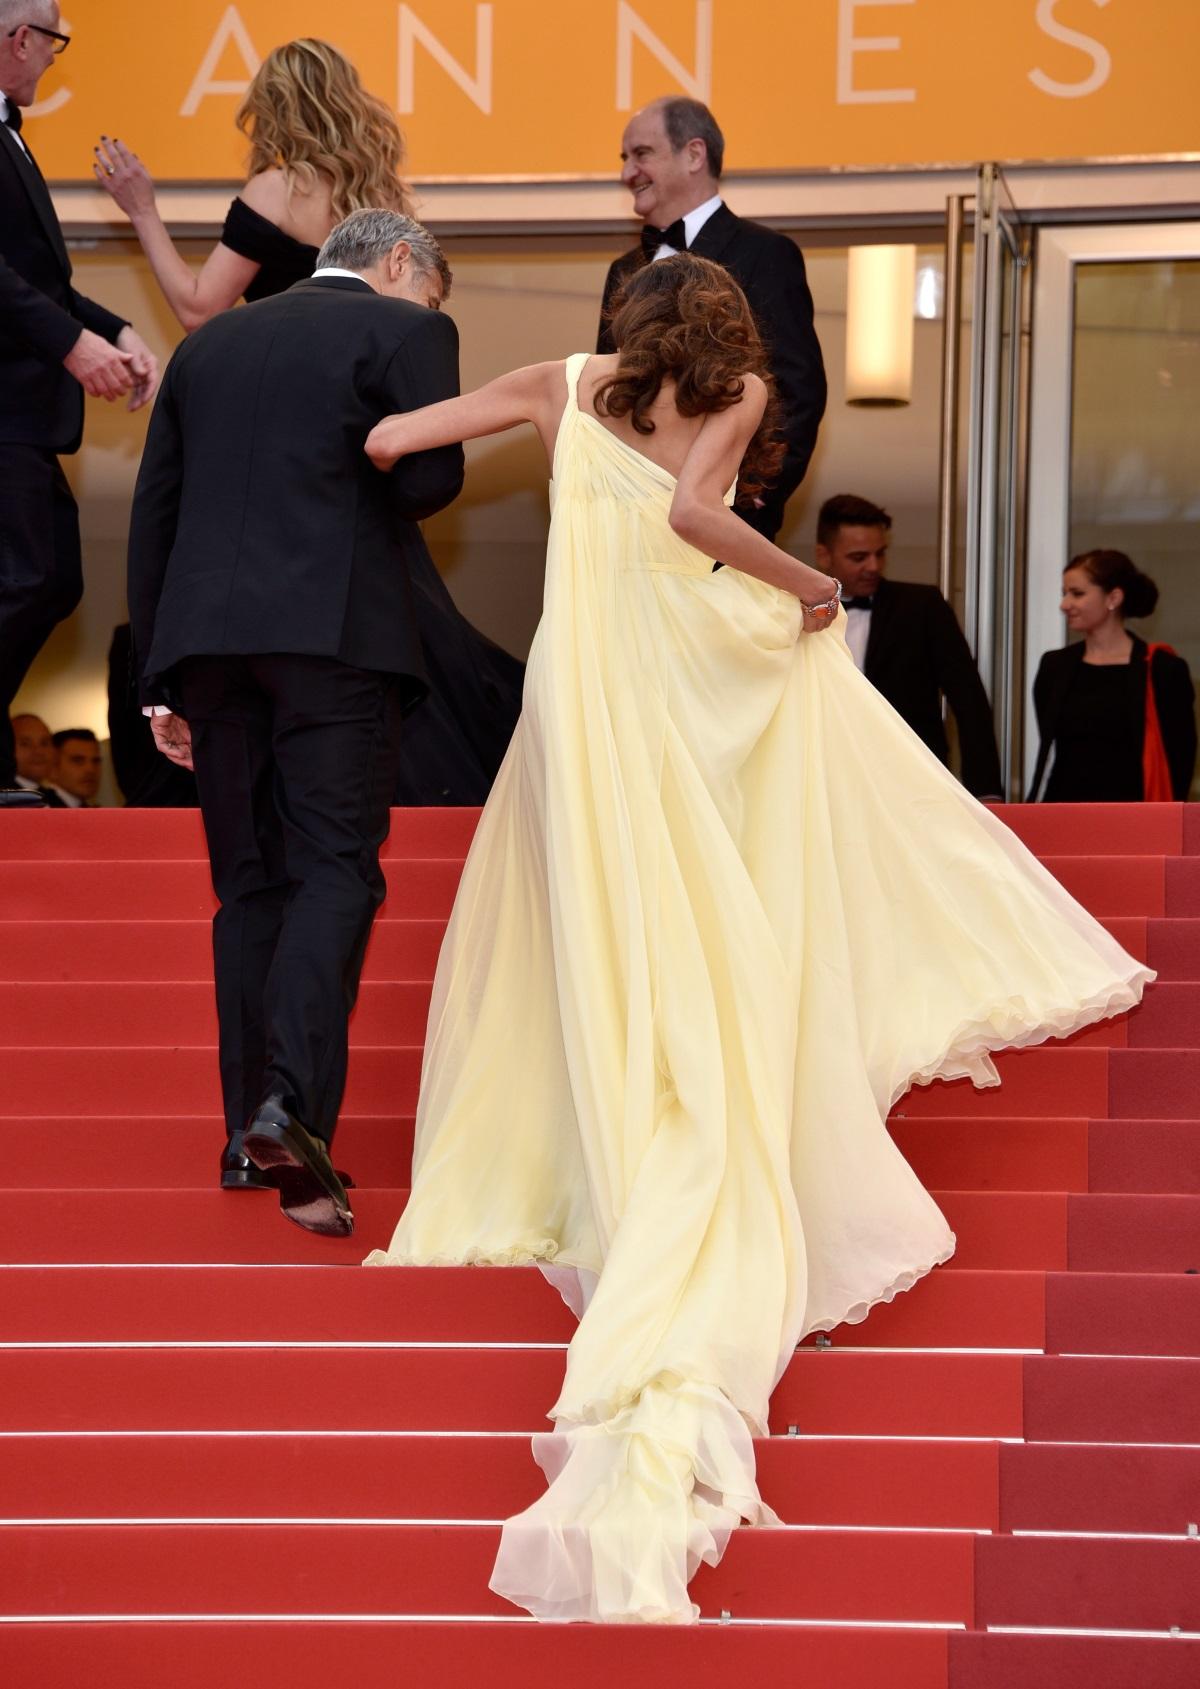 През 2016 в Кан Амал Клуни за пореден път показа добрия си вкус към модата, но роклята в нежно жълто ѝ създаваше проблеми, когато трябваше да се изкачи по стълбите.